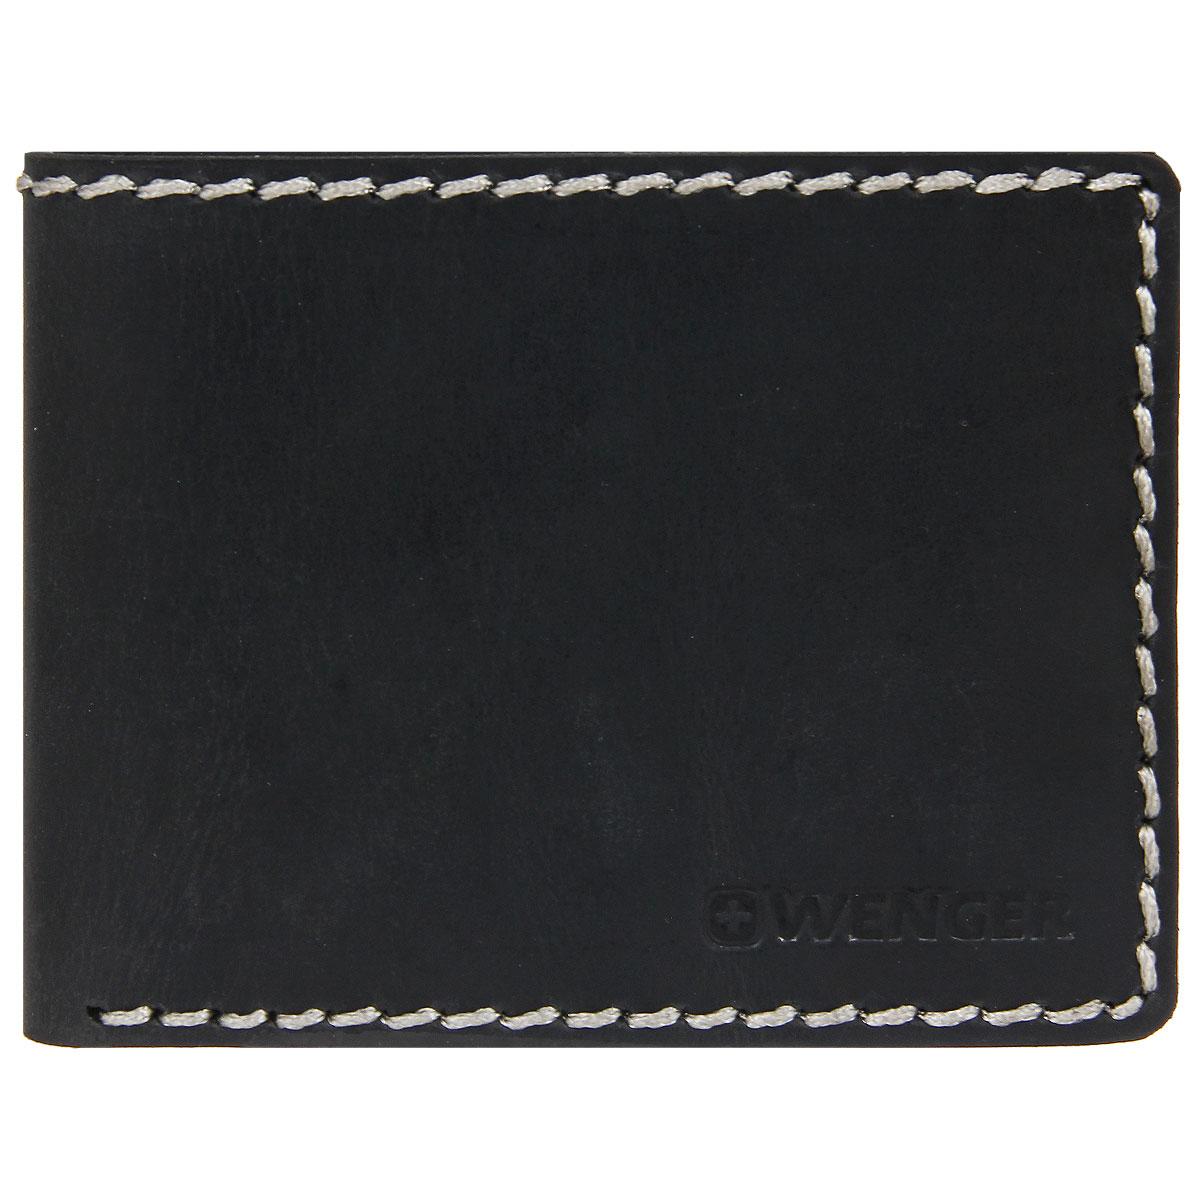 Портмоне мужское Wenger, цвет: черный. W23-26W23-26BLACKСтильное мужское портмоне Wenger изготовлено из натурального кожи и оформлено крупными декоративными стежками, а также тисненым логотипом и названием бренда на лицевой стороне. Внутри - два отделения для купюр, отсек для мелочи на замке-кнопке, три боковых кармана и четыре прорези для визиток и кредитных карт. Портмоне упаковано в фирменную коробку. Модное портмоне Wenger займет достойное место среди вашей коллекции аксессуаров.